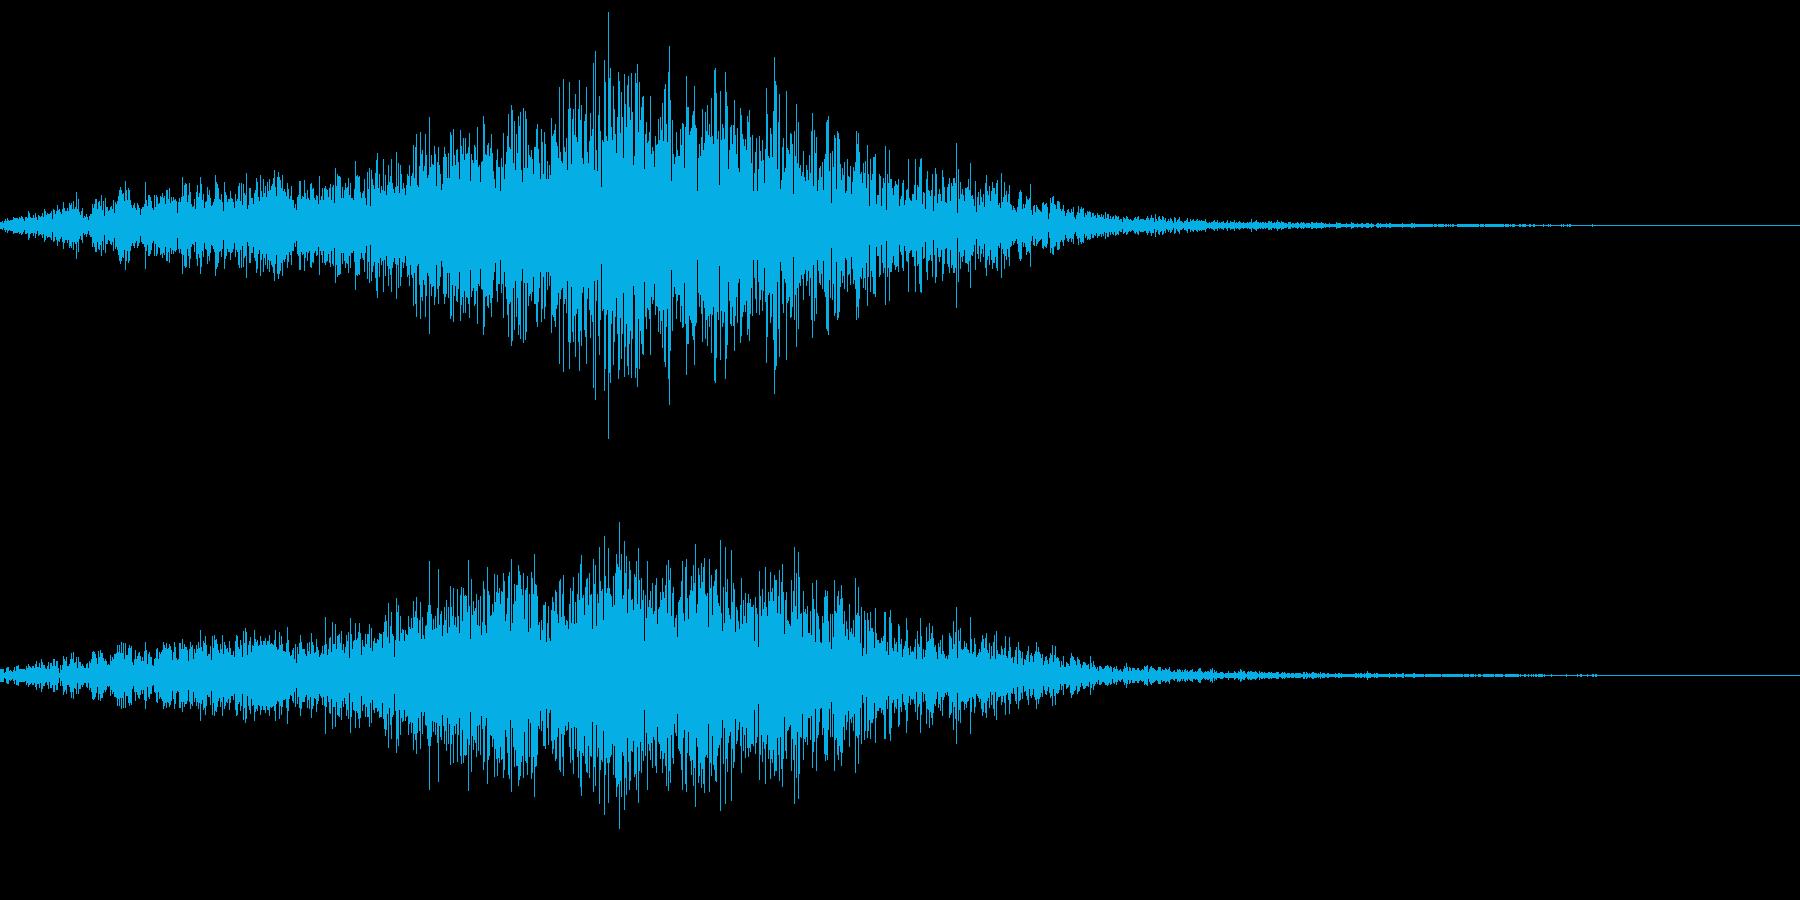 ニホンザルの鳴き声(キシャーッ)の再生済みの波形